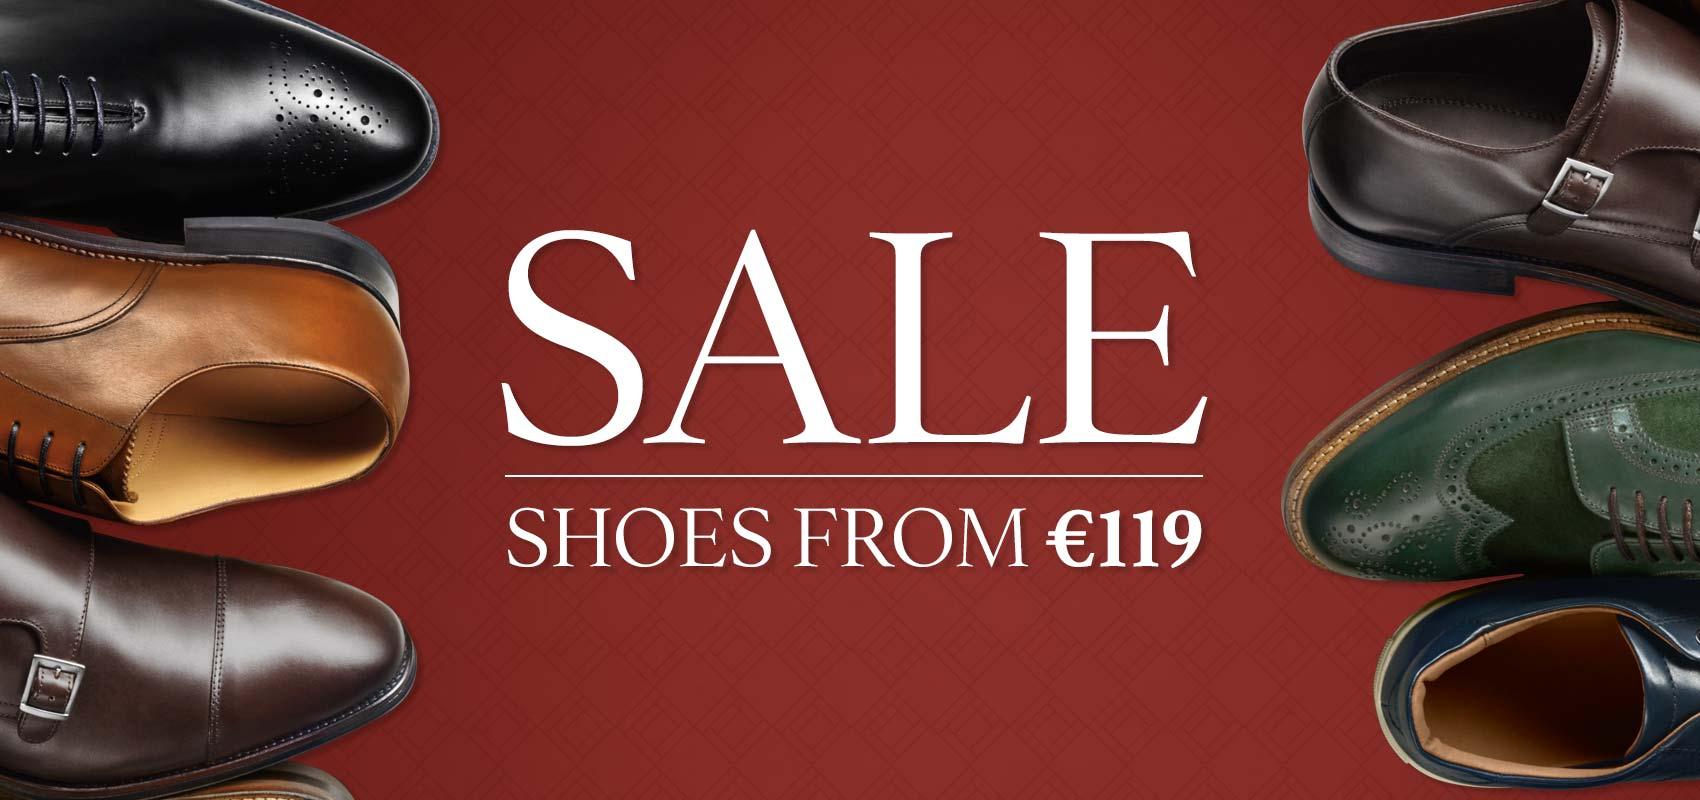 Charles Tyrwhitt men's sale shoes